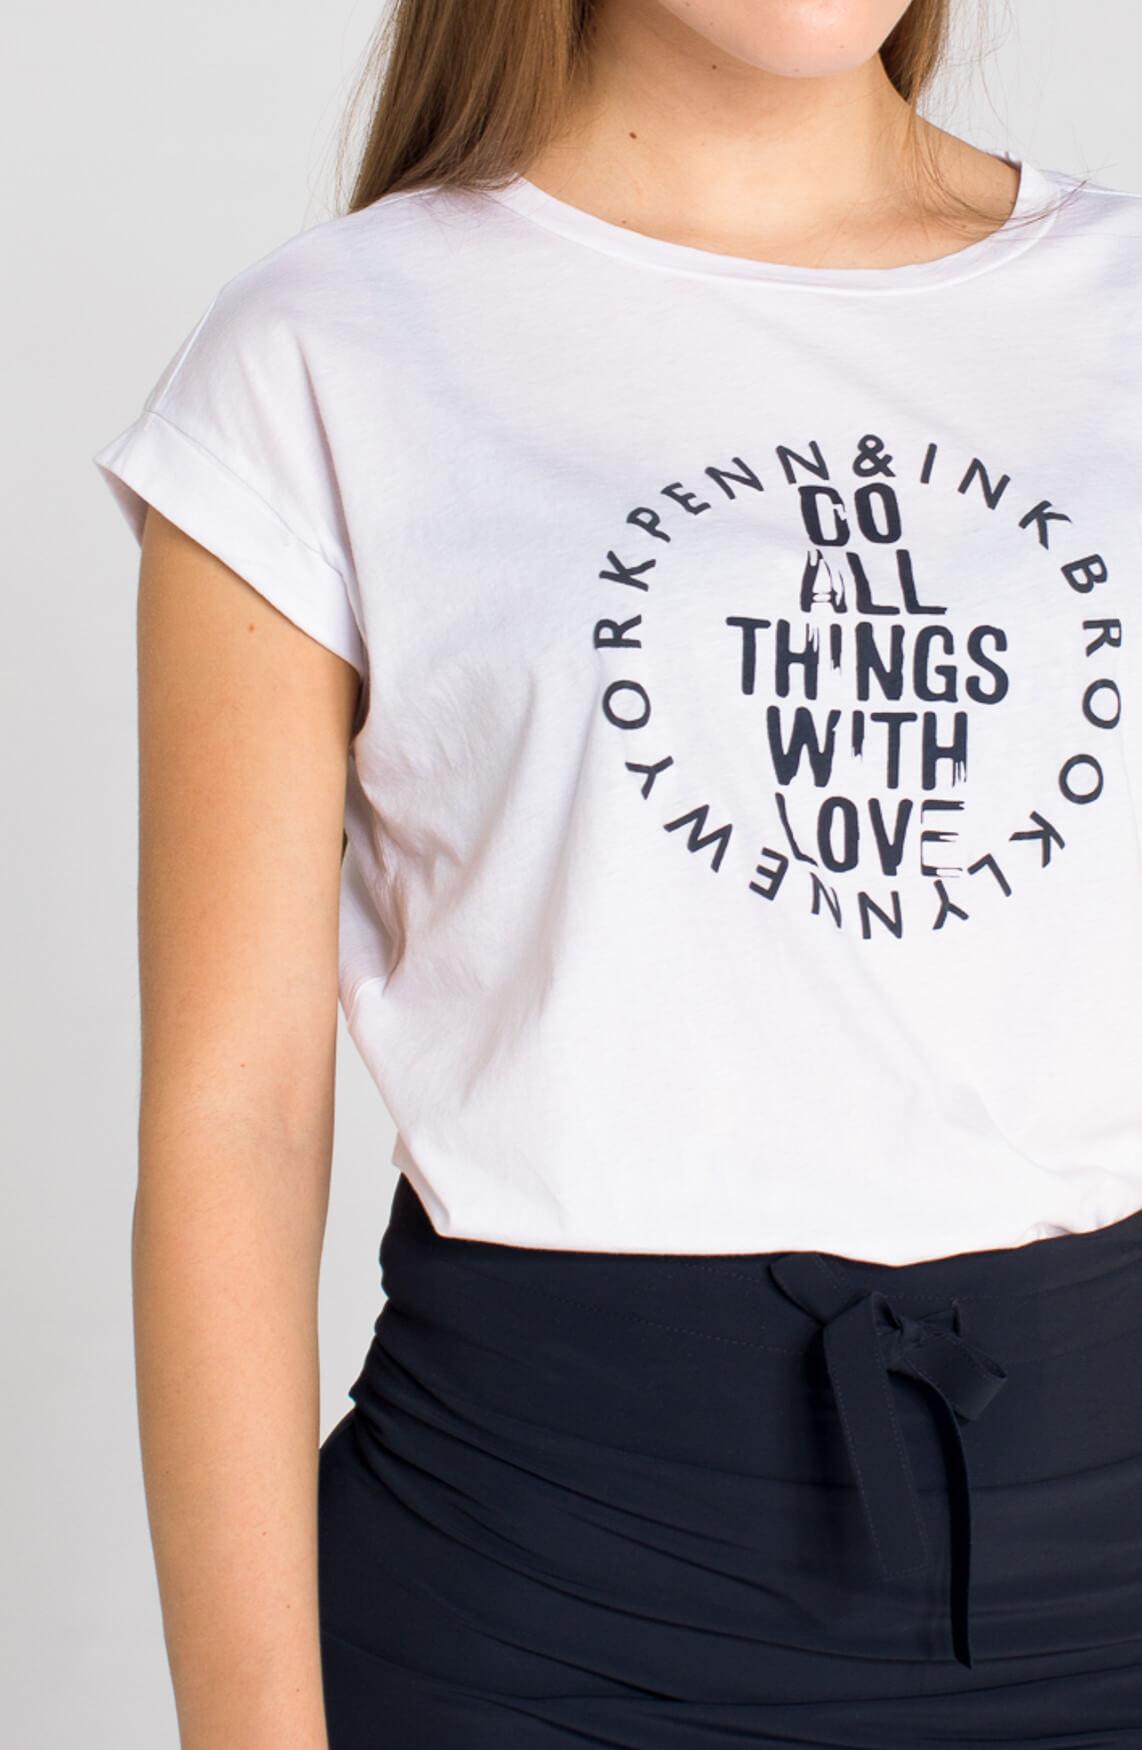 Penn & Ink Dames Shirt met tekst | Anna van Toor - photo#4